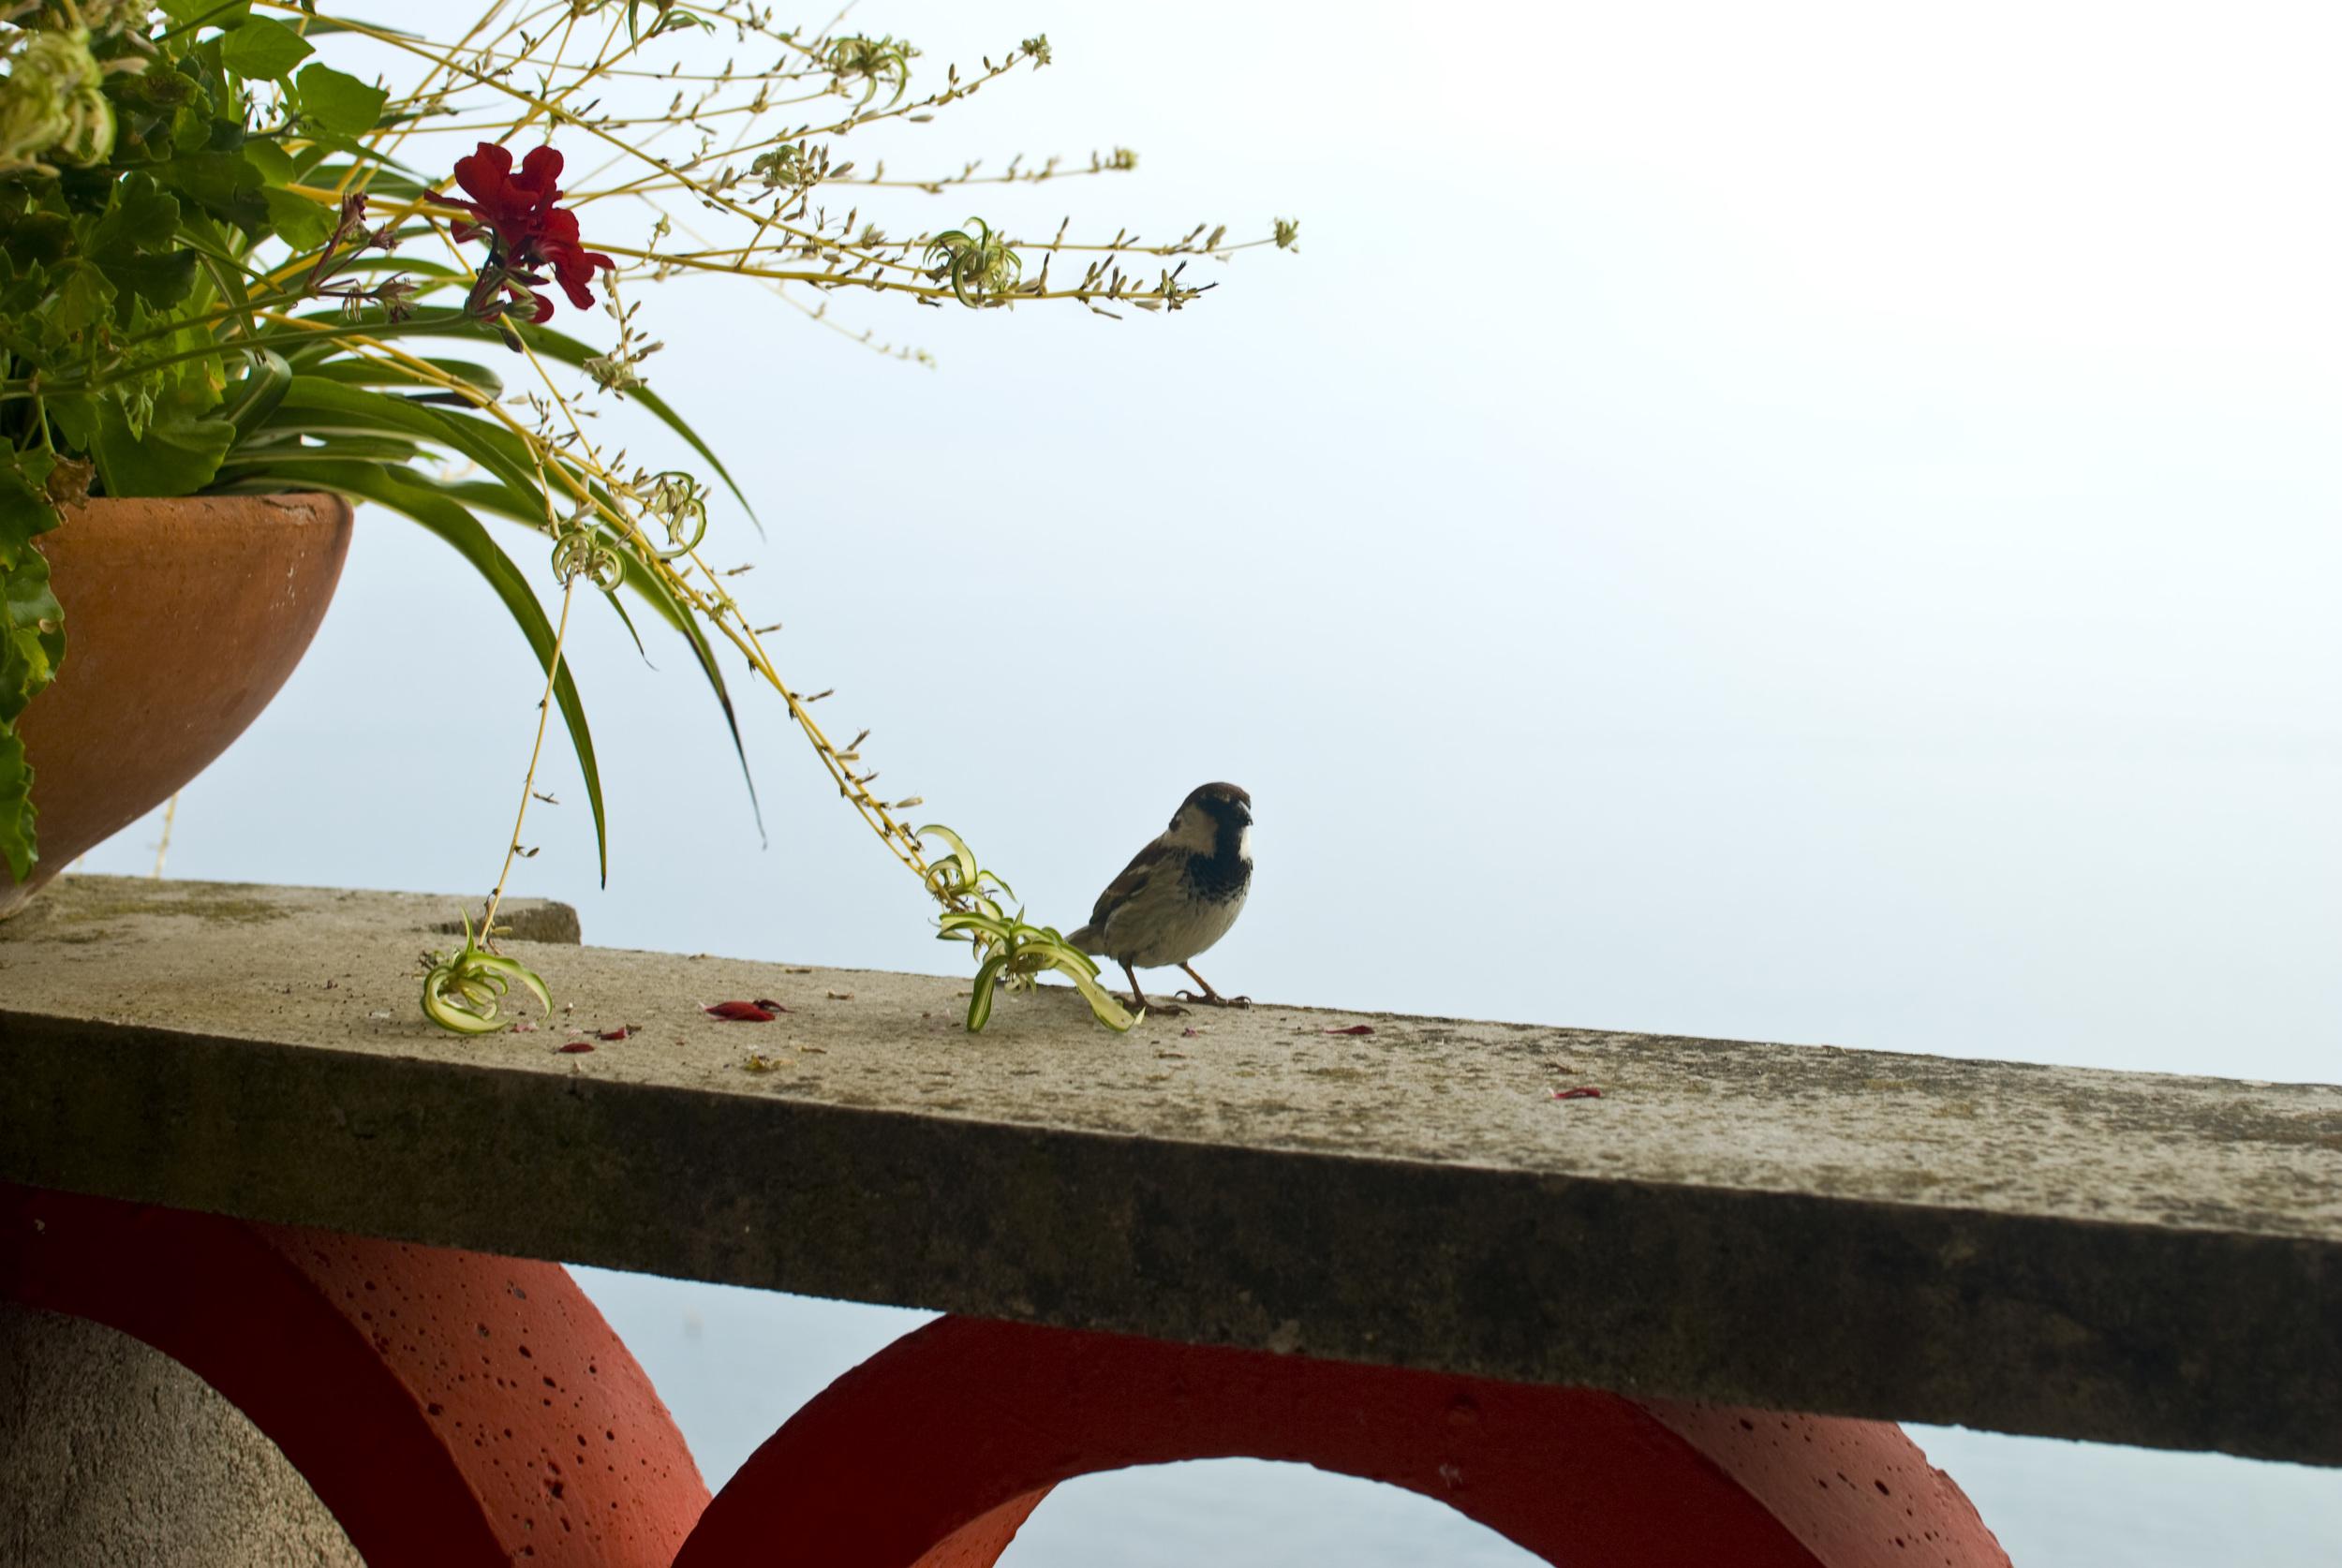 birdie_4798998815_o.jpg